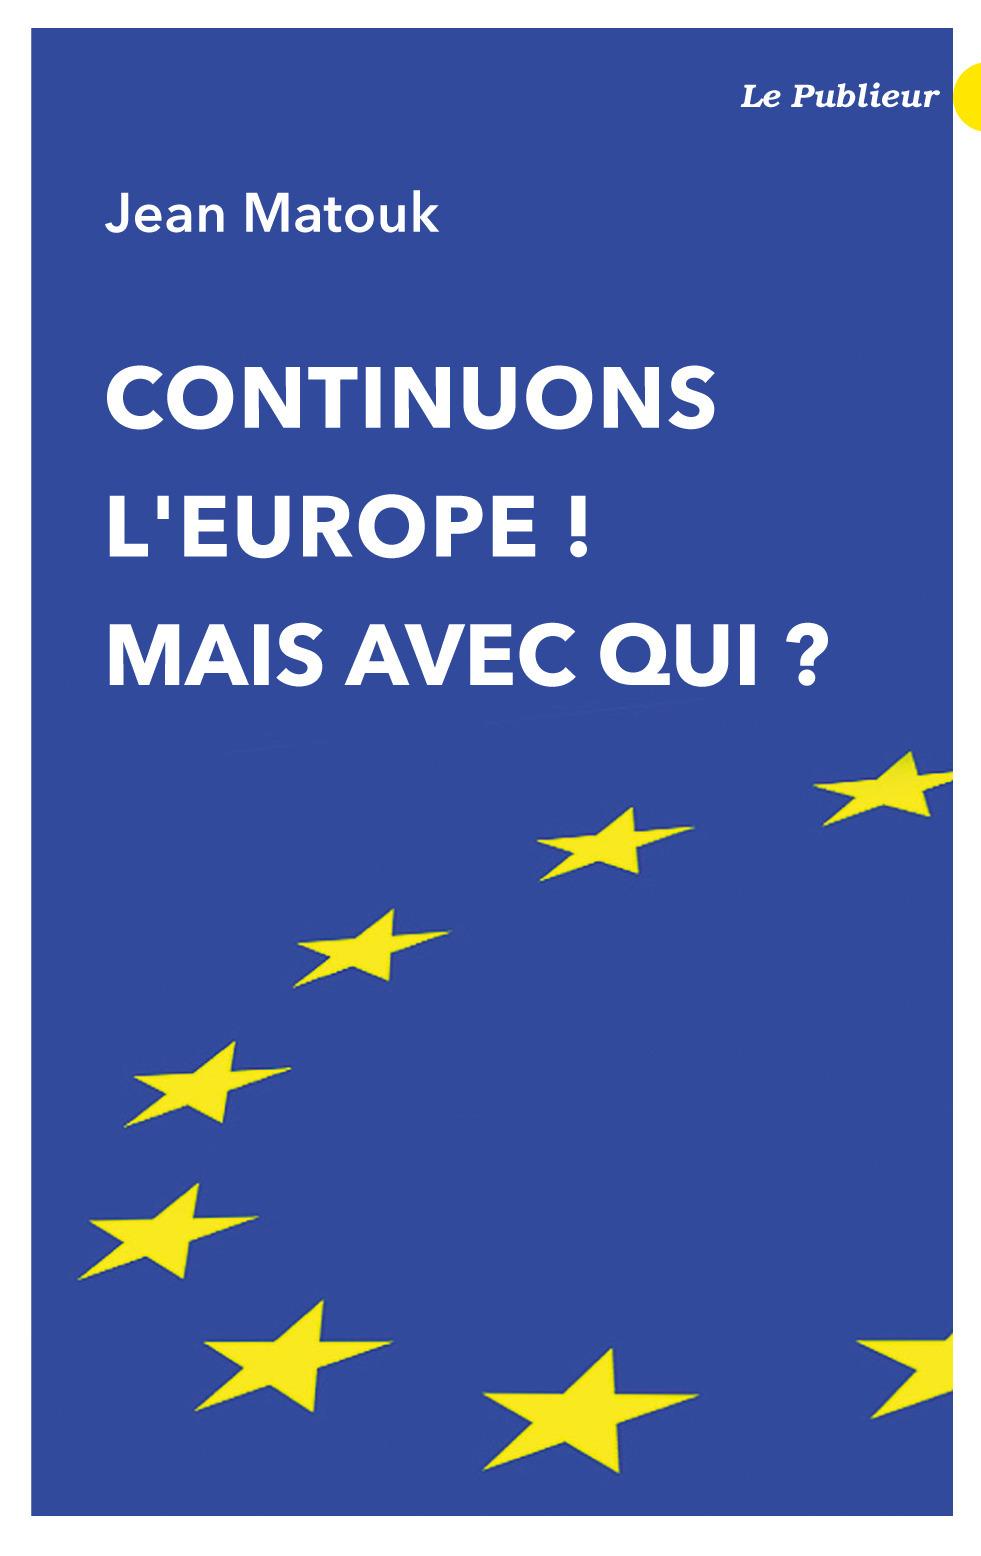 Continuons l'Europe ! mais avec qui ?